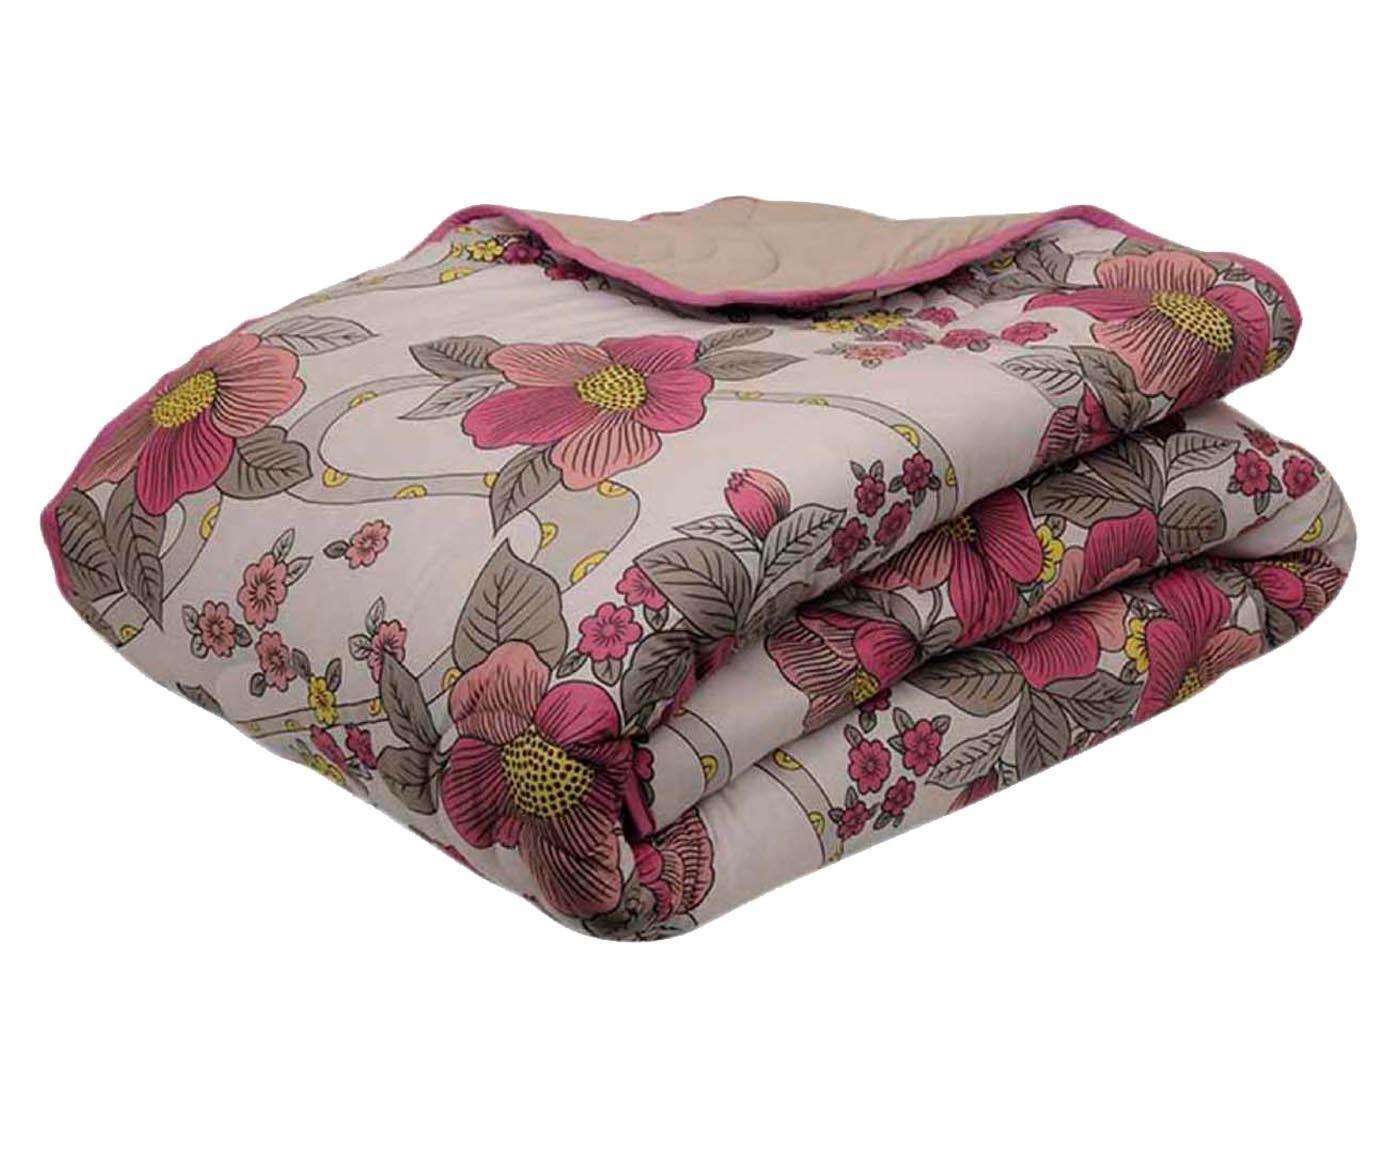 Edredom flowers - para cama de solteiro   Westwing.com.br